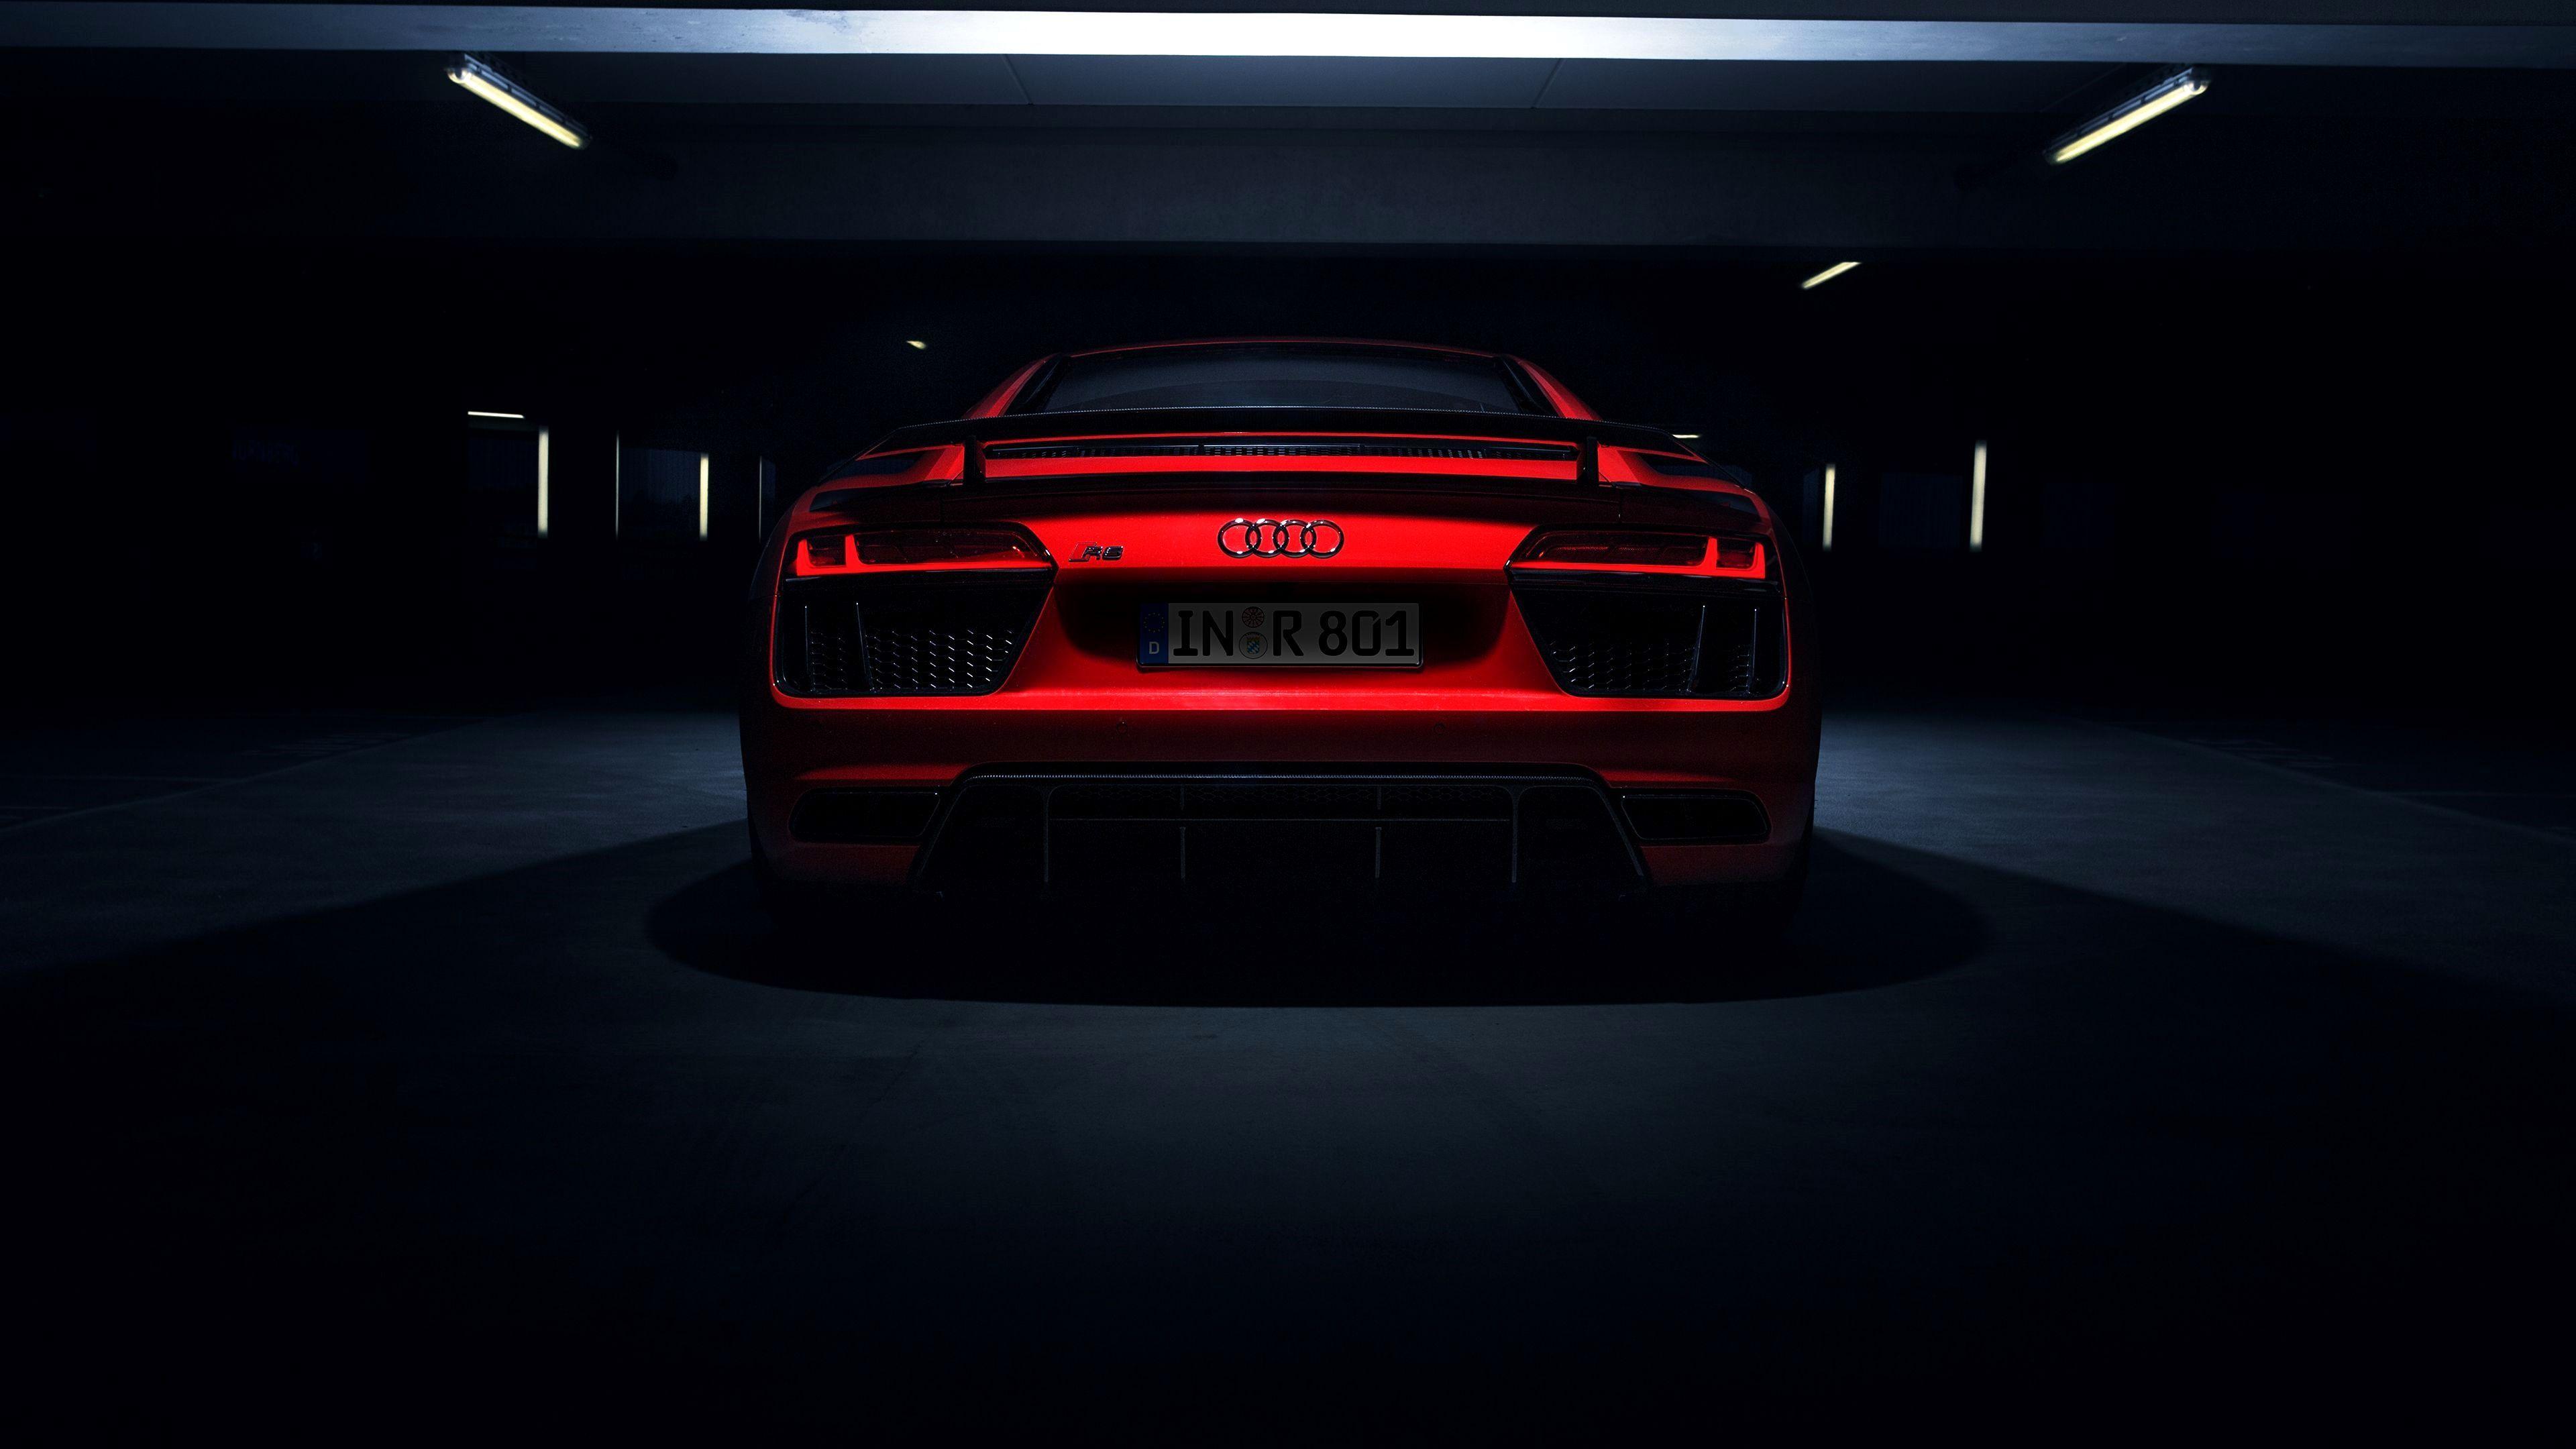 Audi Wallpaper 4k Phone Gallery 4k In 2020 Audi R8 Wallpaper Car Wallpapers Audi R8 V10 Plus